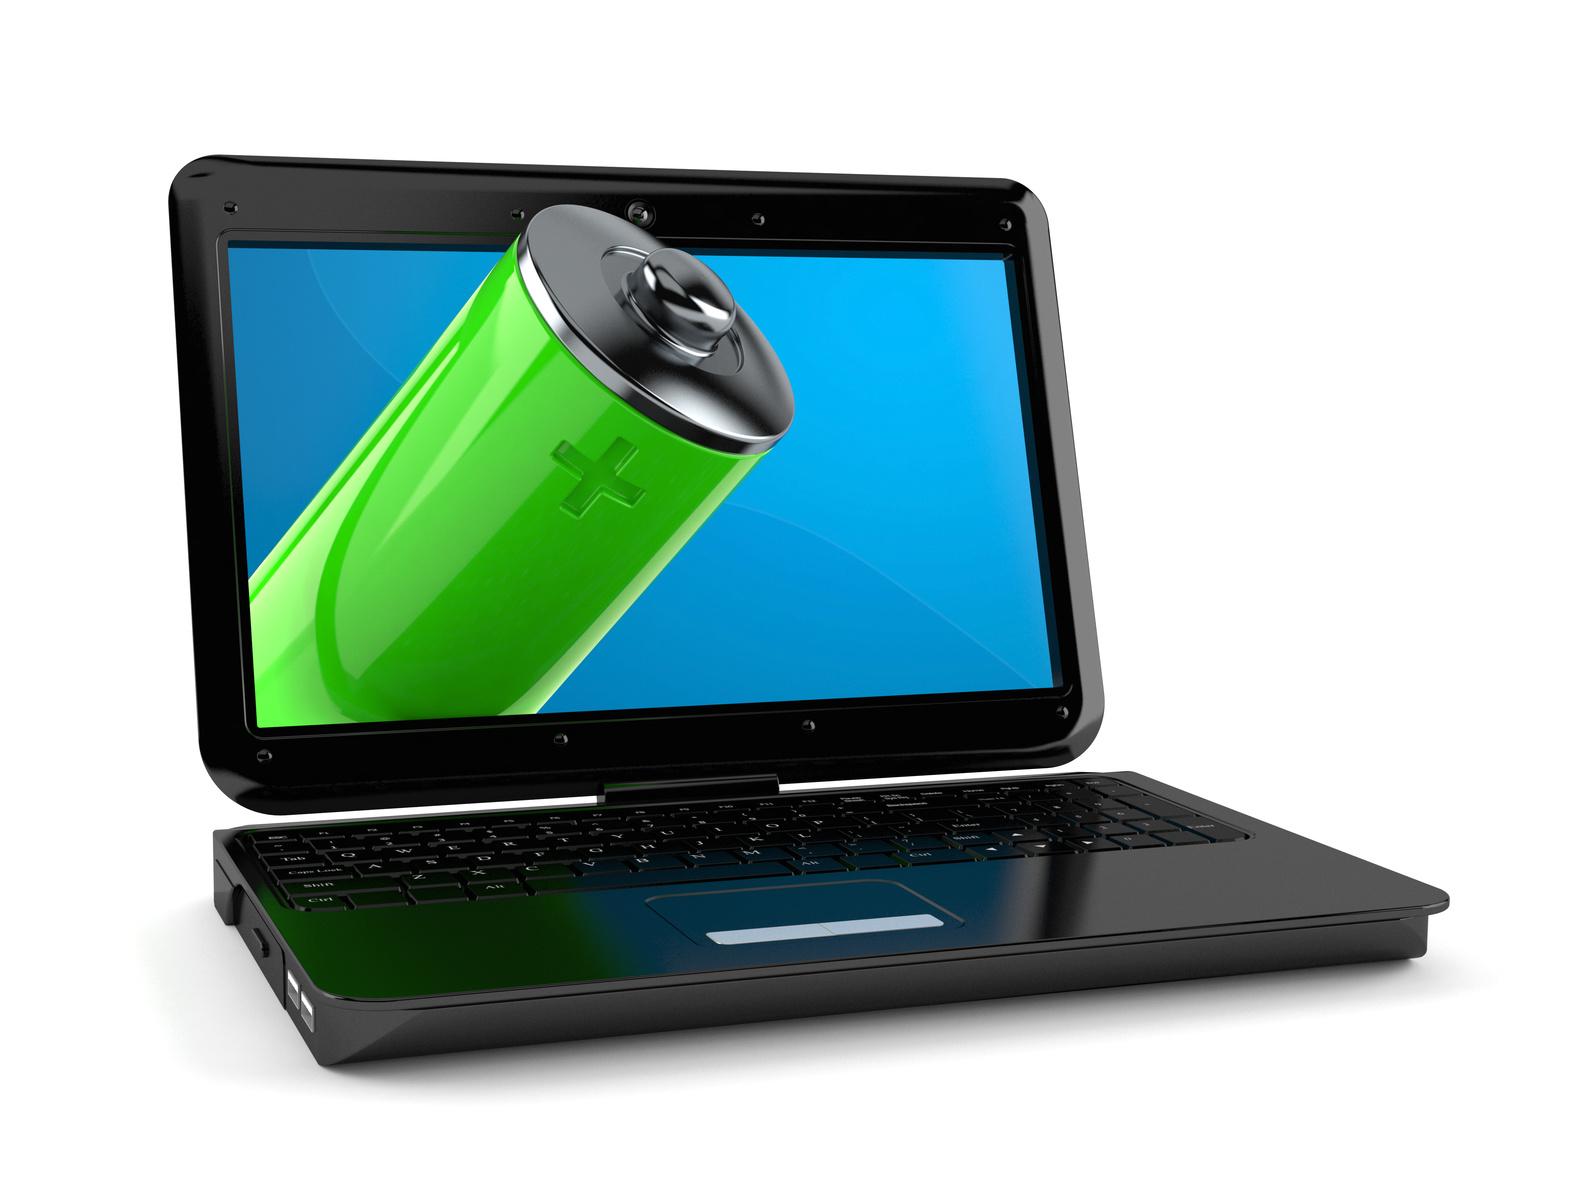 Akumulator do laptopa – czy jakość zamiennika dorównuje oryginałowi?